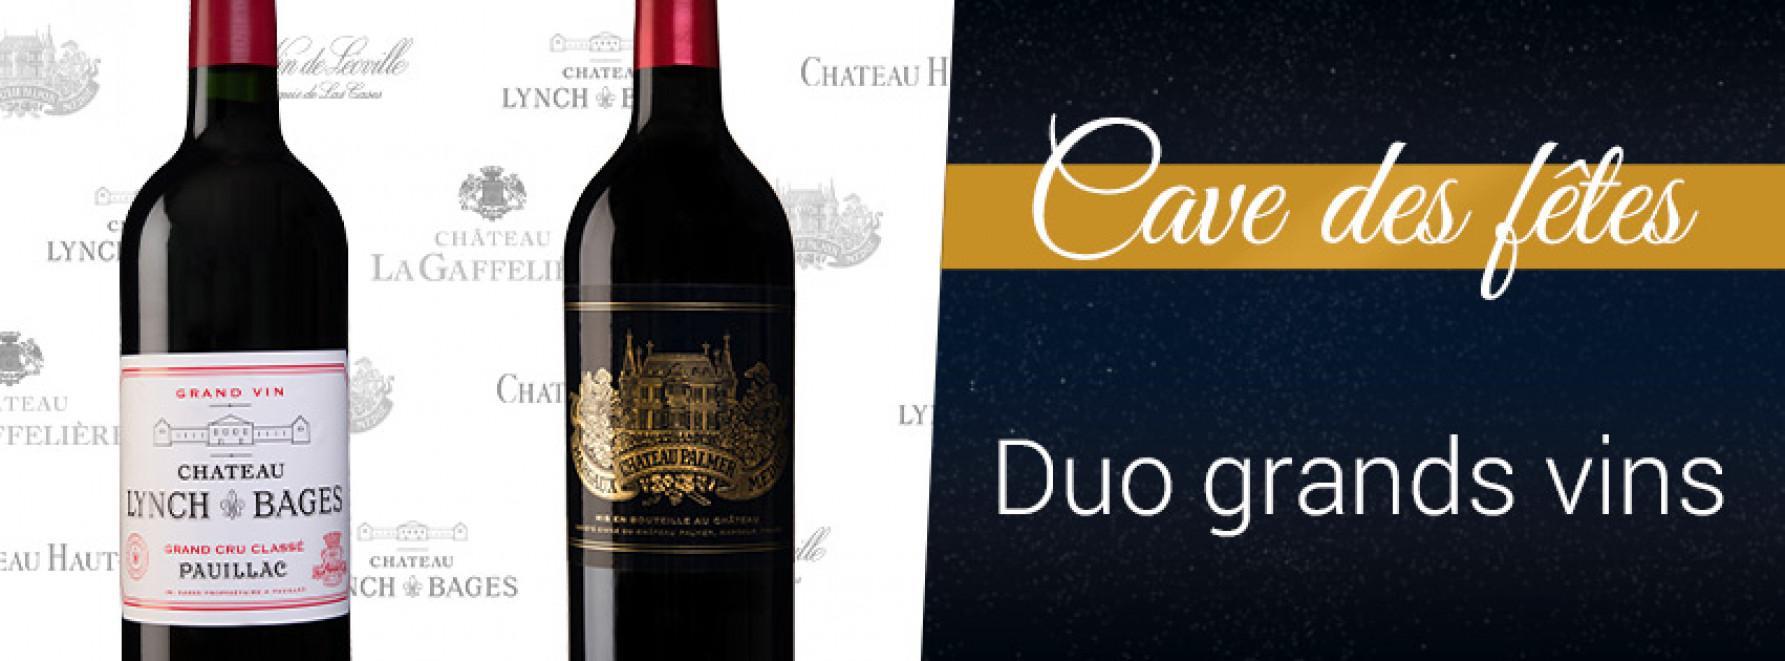 Duo de Grands Vins = -30% sur la 2ème bouteille au choix